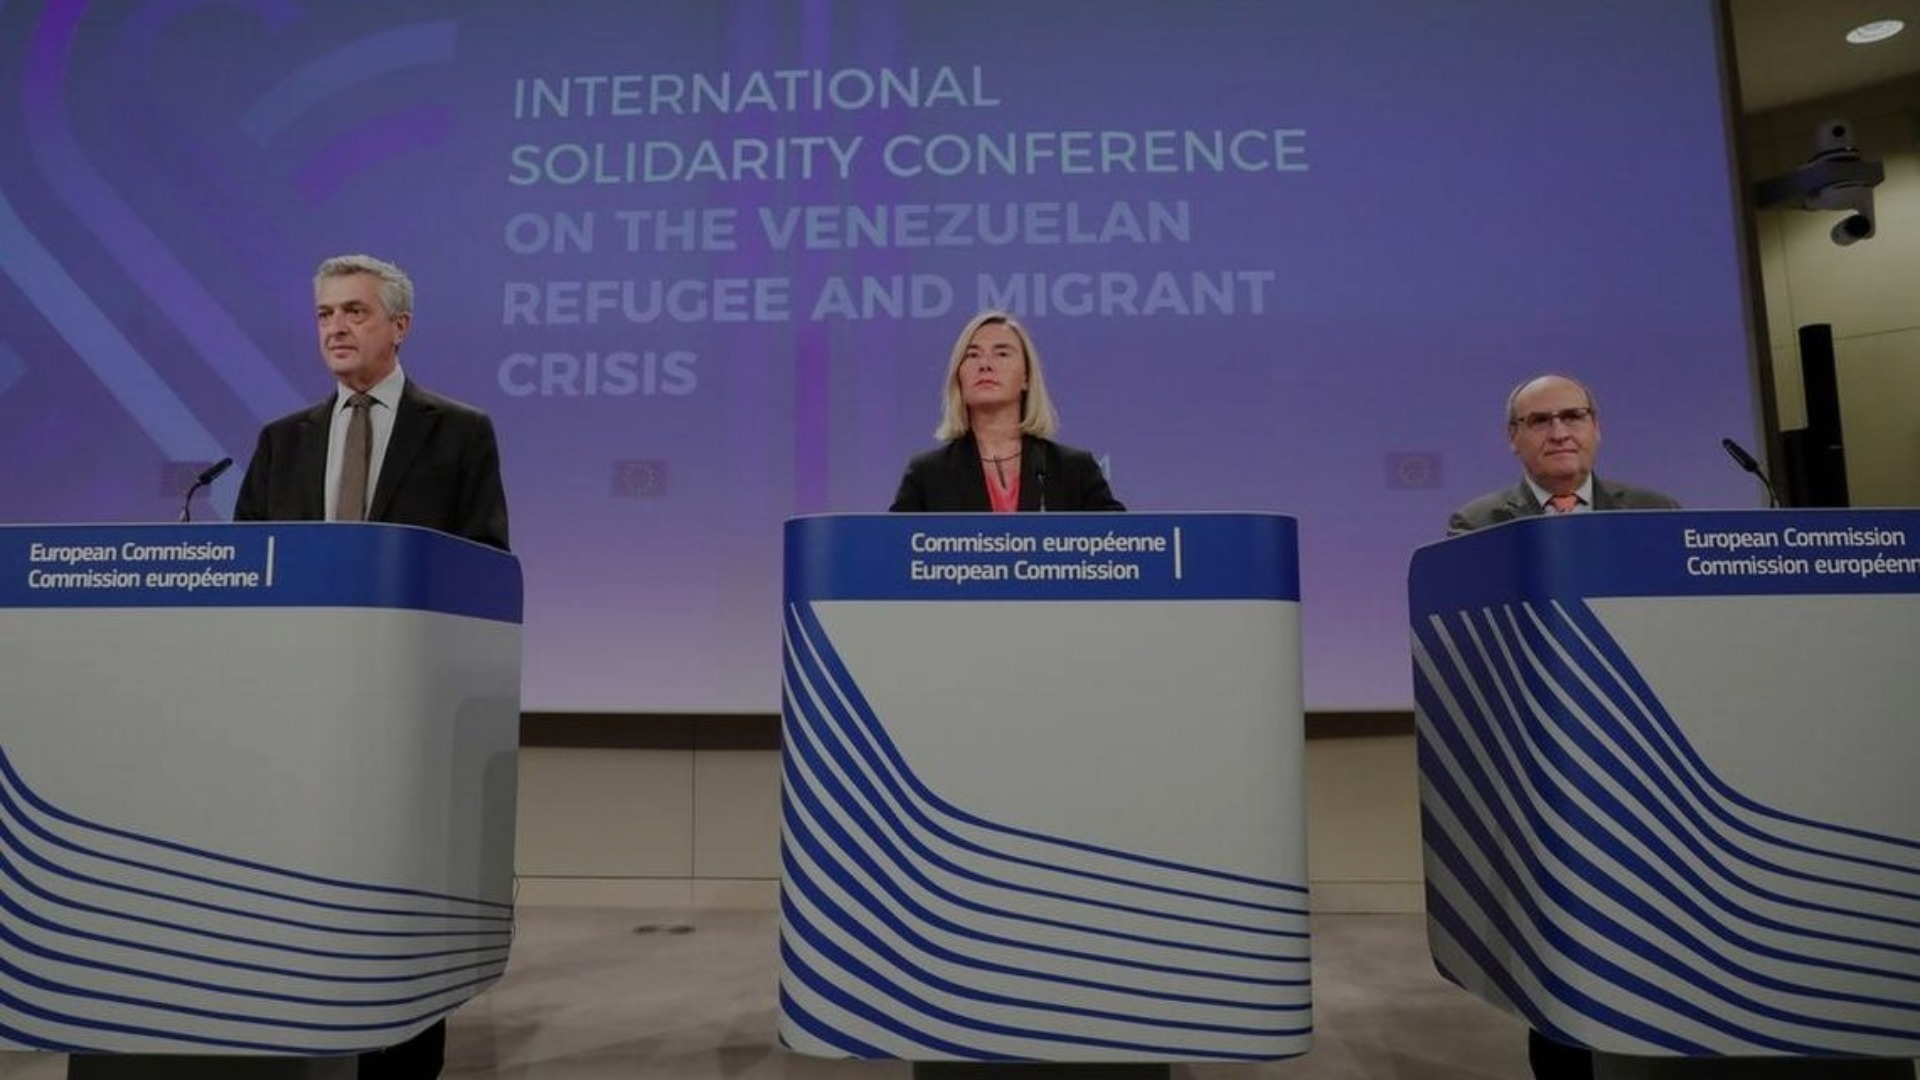 ONU y UE reúnen 133 millones de dólares para atender crisis migratoria